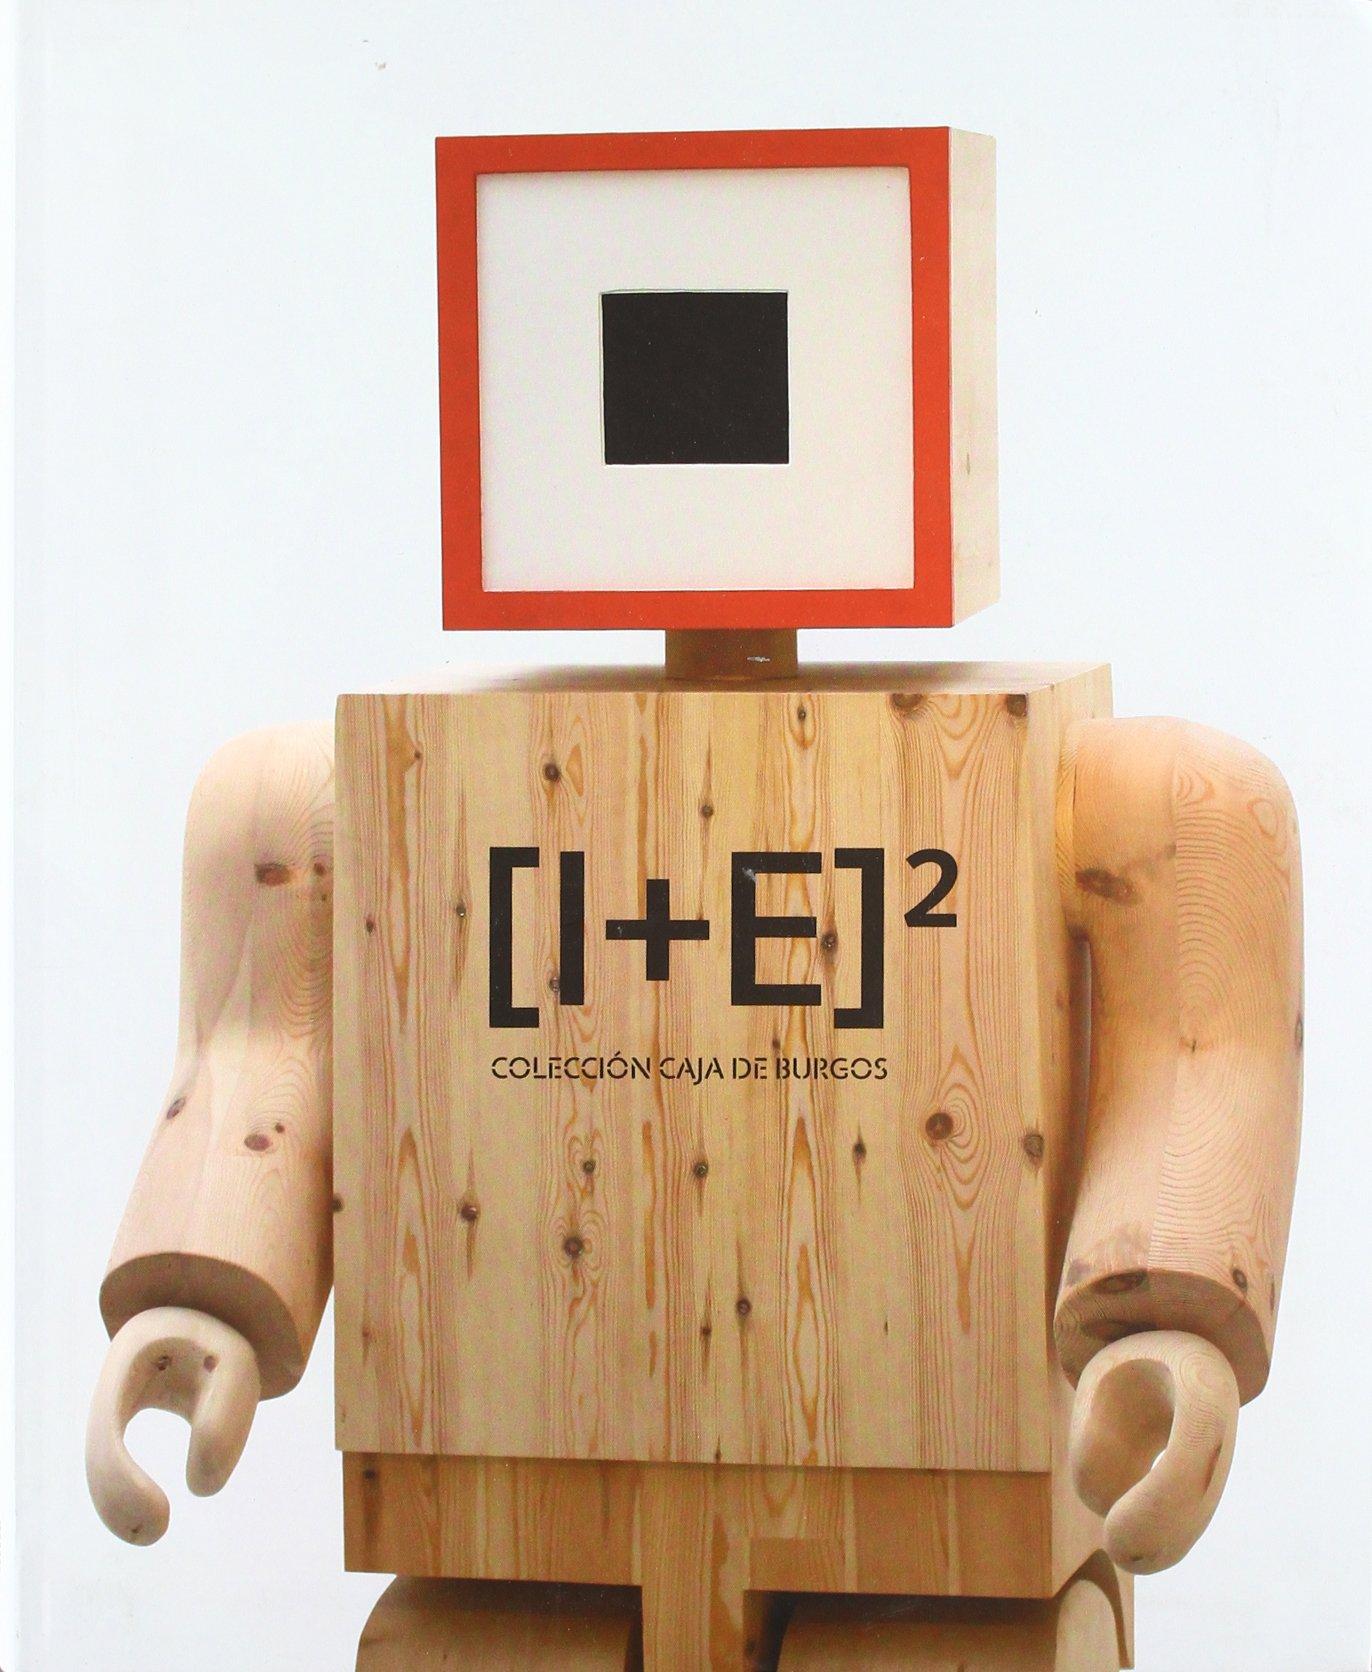 I + e. 2. coleccion caja de burgos